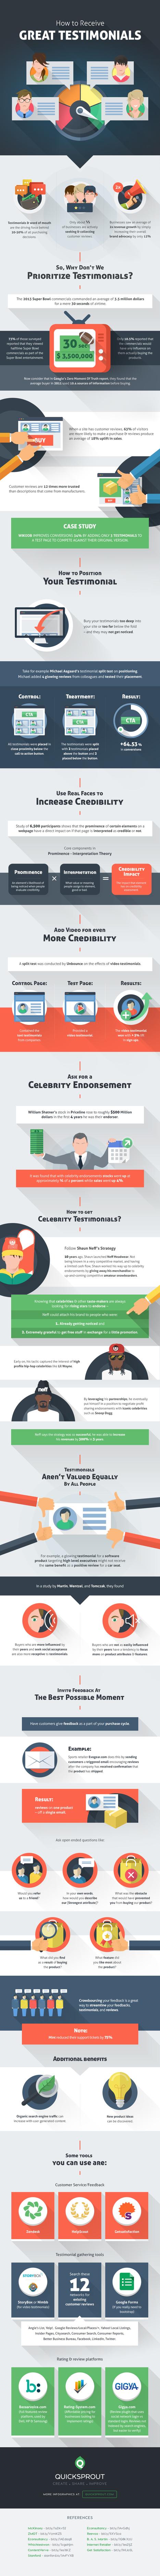 Comment obtenir de bons témoignages ? [Infographie] #Webmarketing | L'E-Réputation | Scoop.it